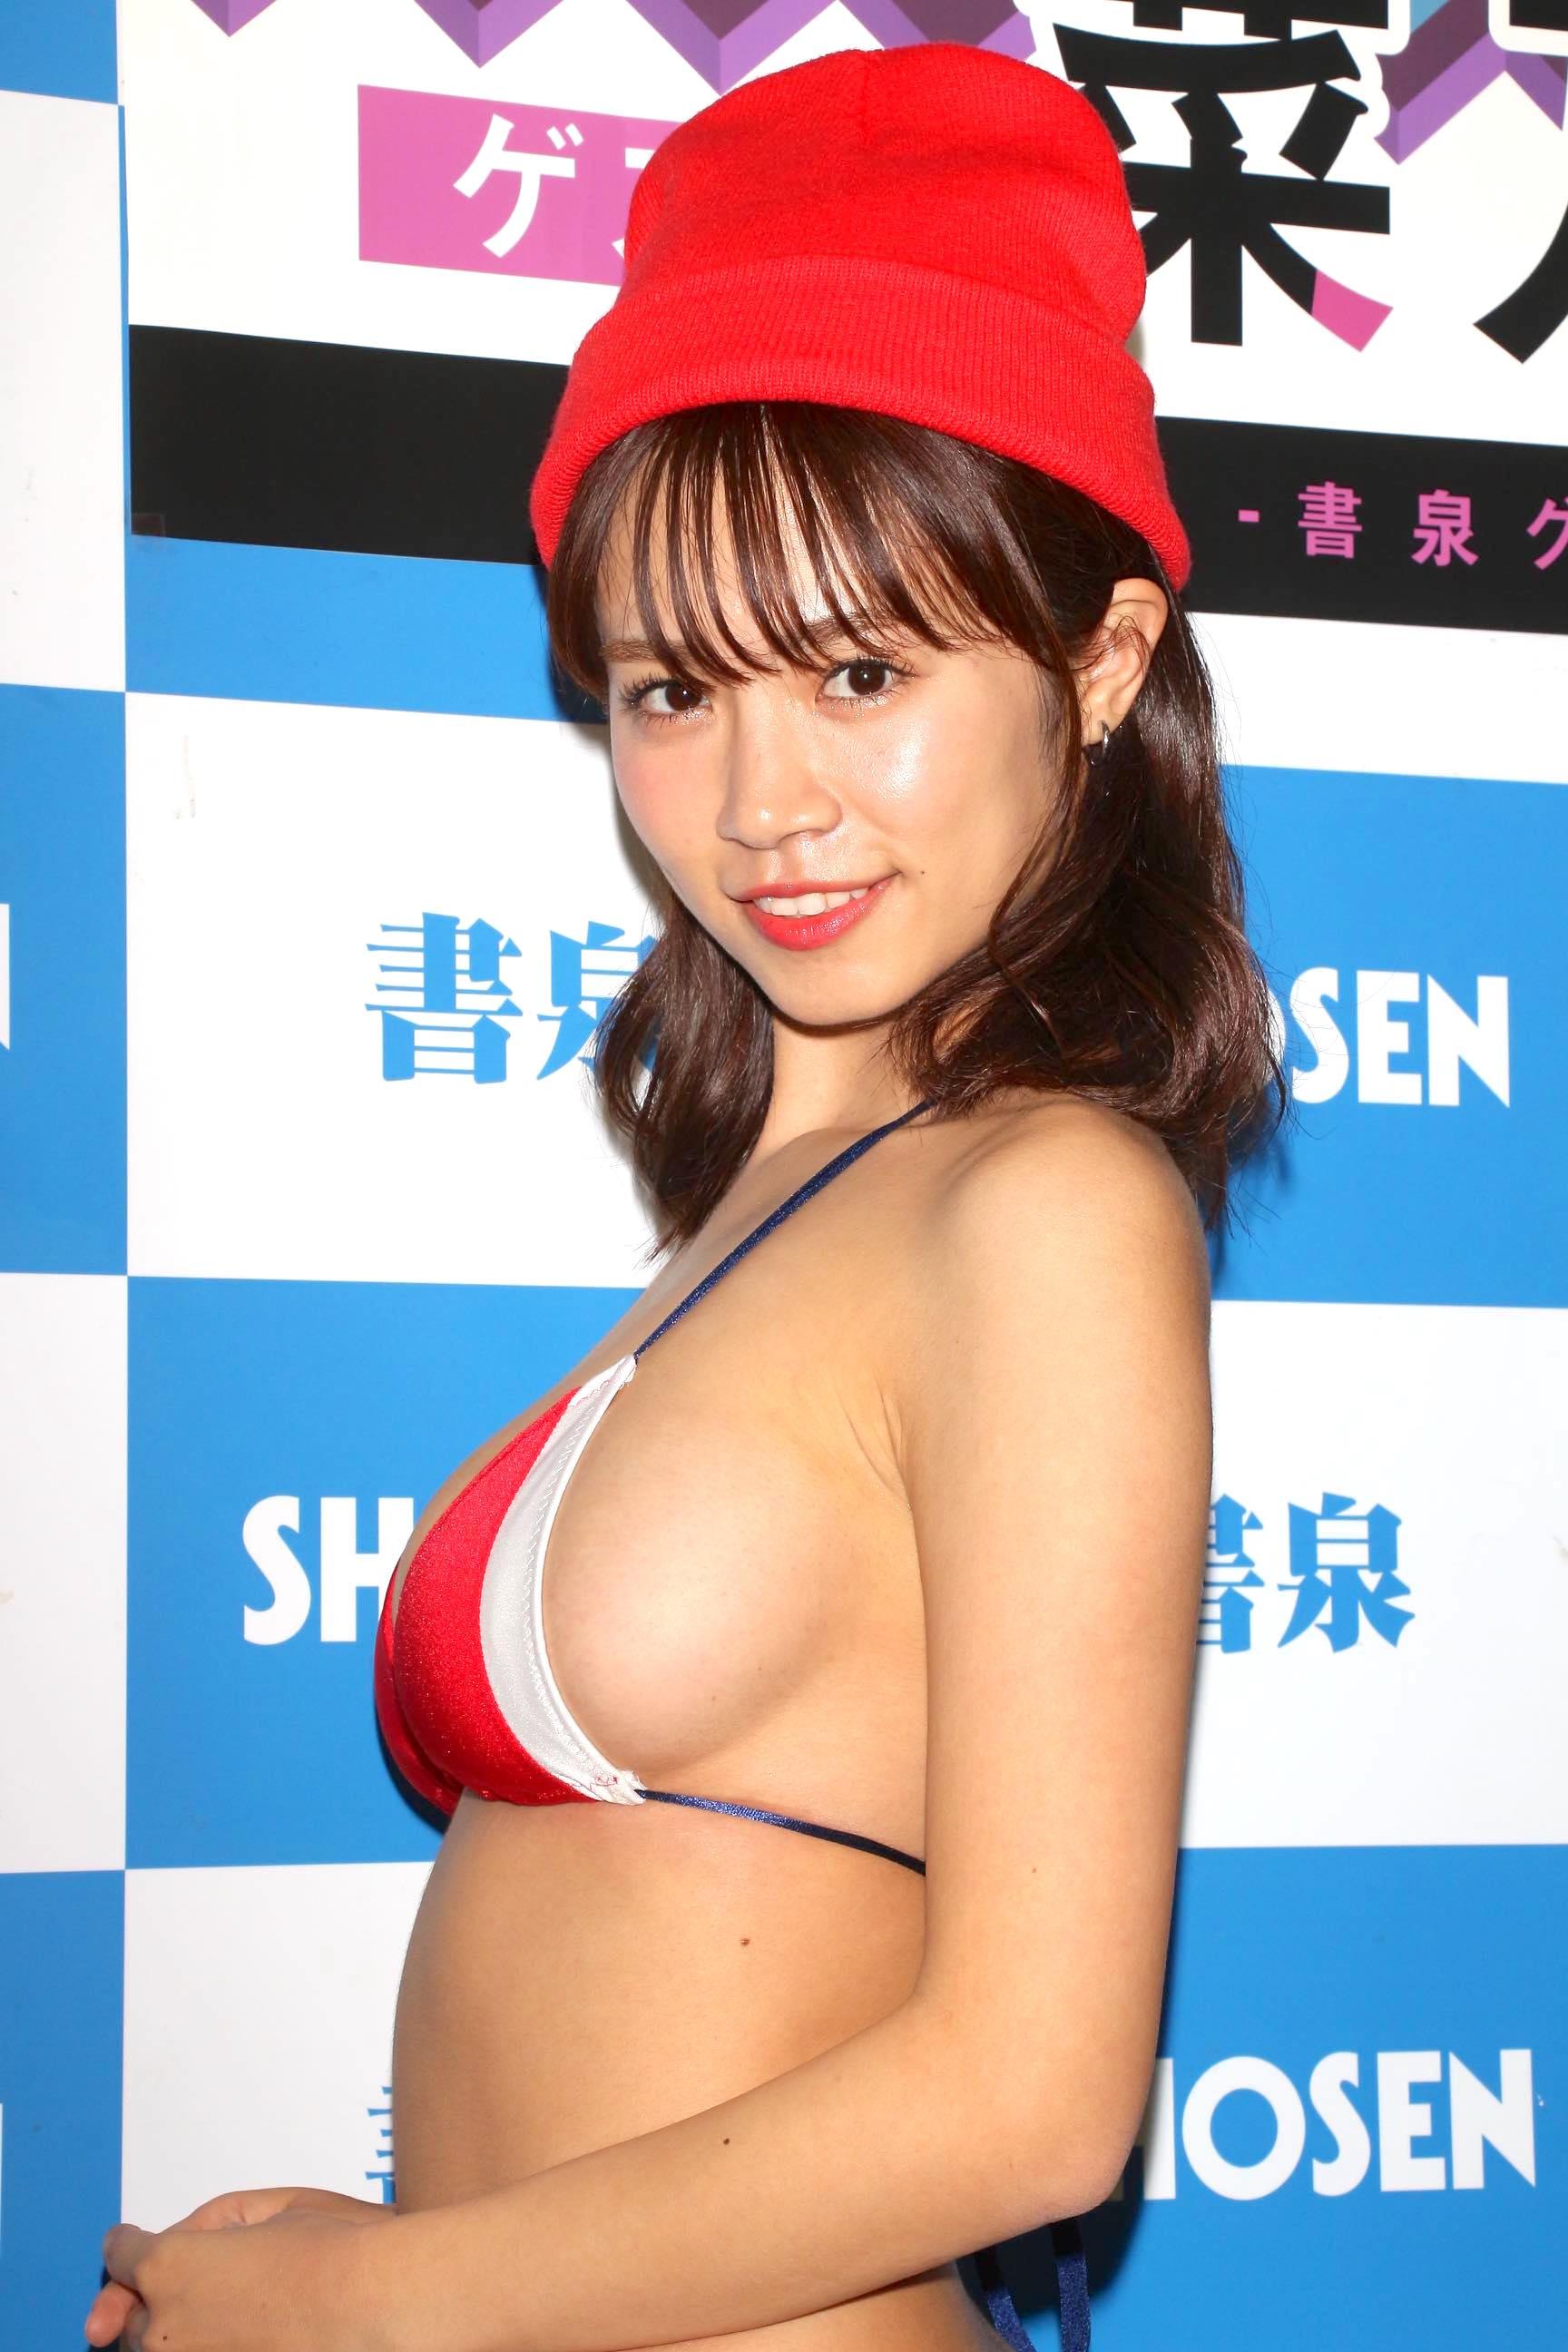 菜乃花「キス600回」を経験し、慣れてきた!?【写真18枚】の画像008